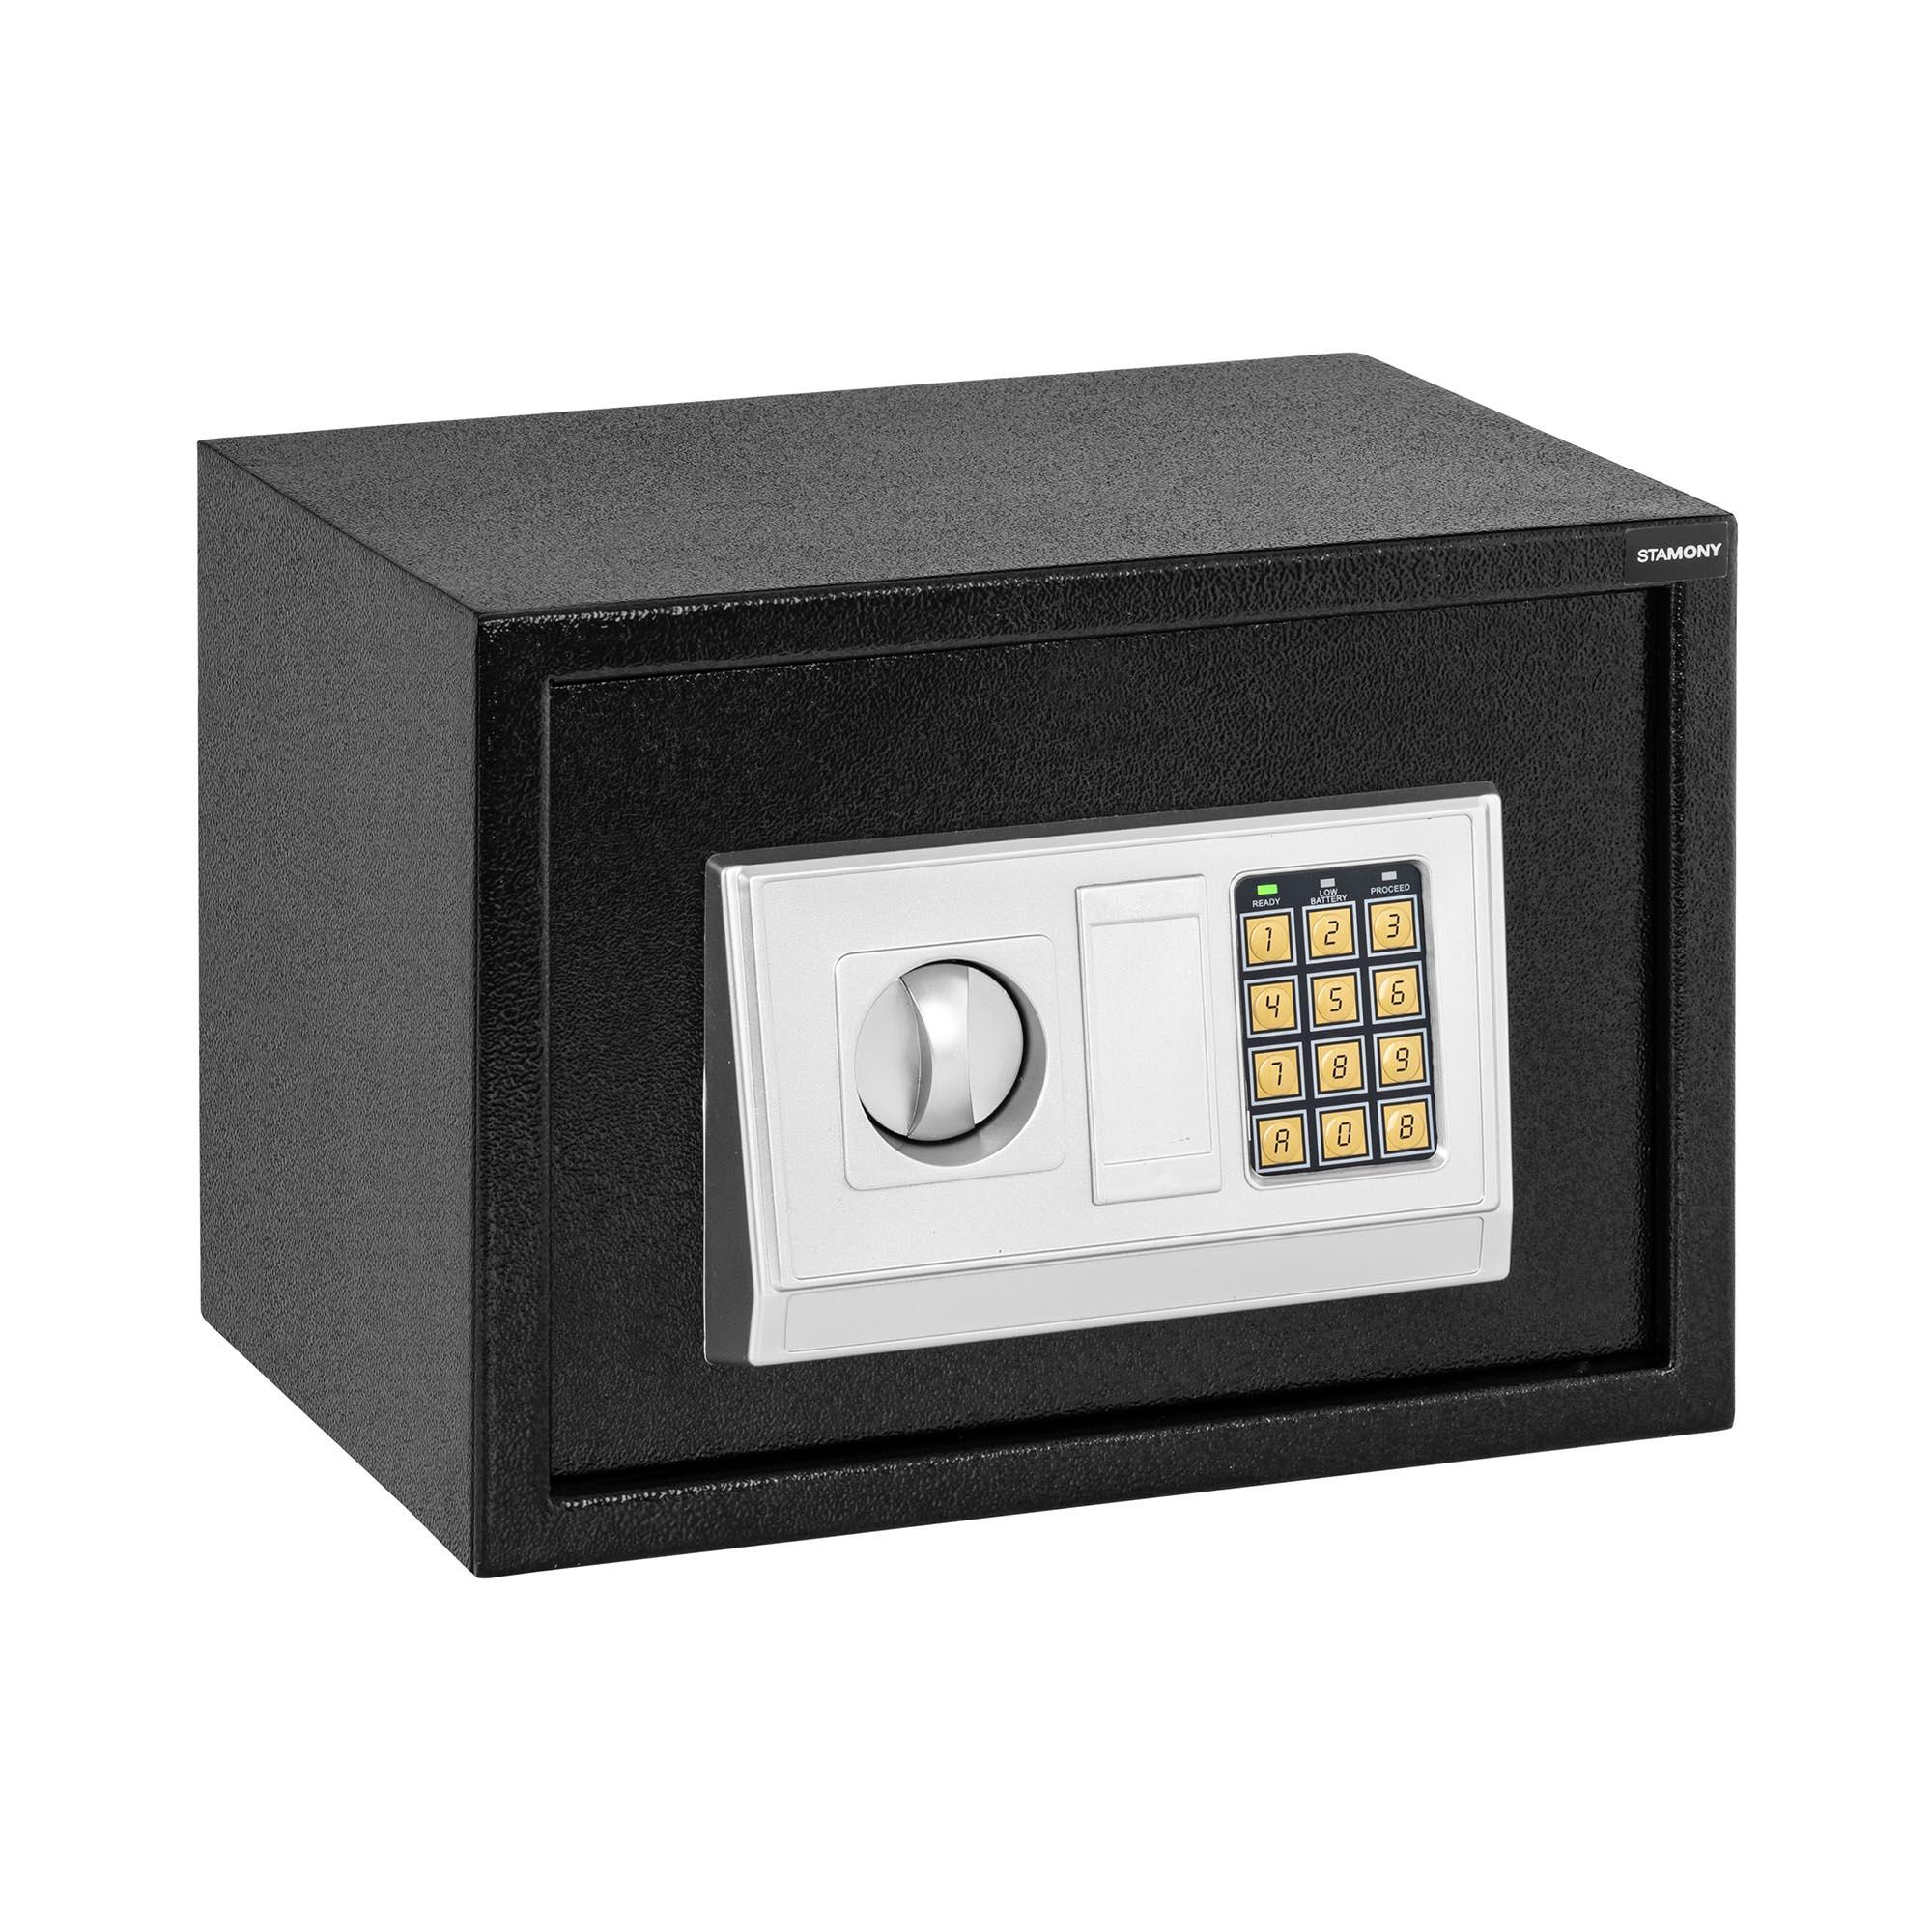 Stamony Elektronisk safe - 35 x 25 x 25 cm 10240025